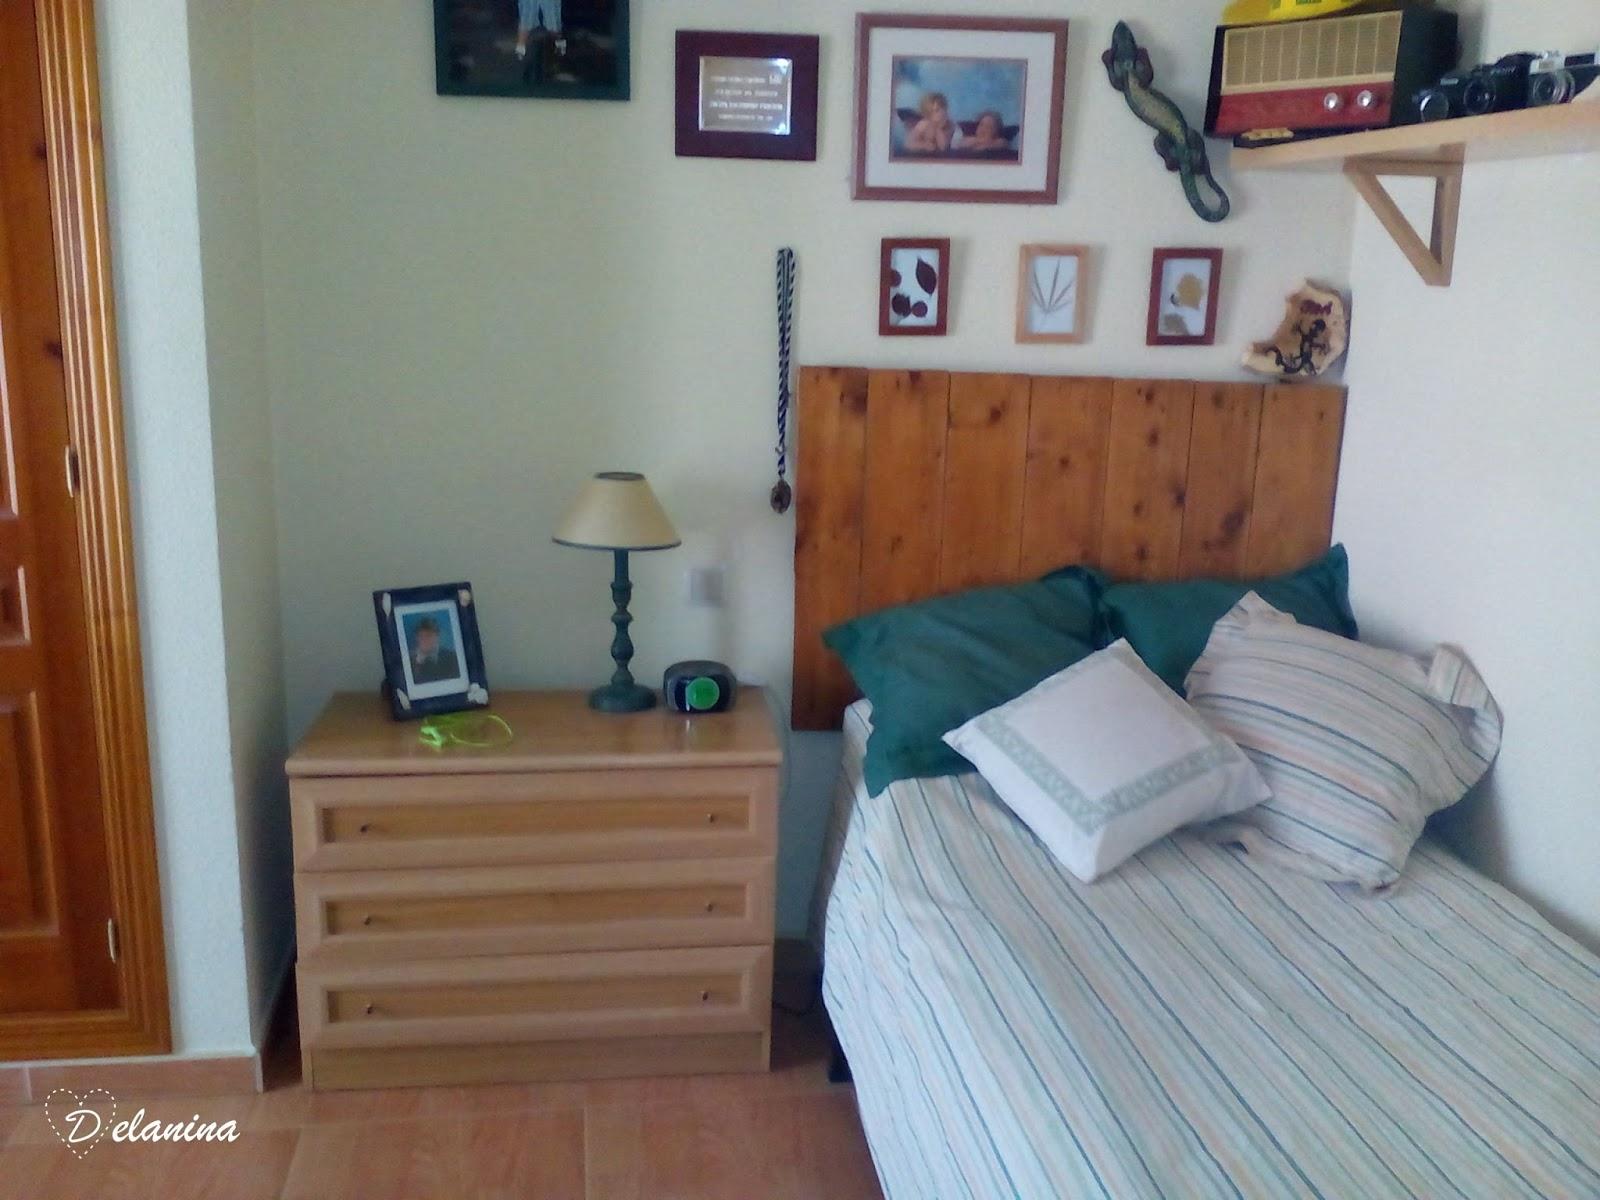 Renovar Un Dormitorio Juvenil Con Pintura Handbox Craft Lovers  # Muebles Todo Joven